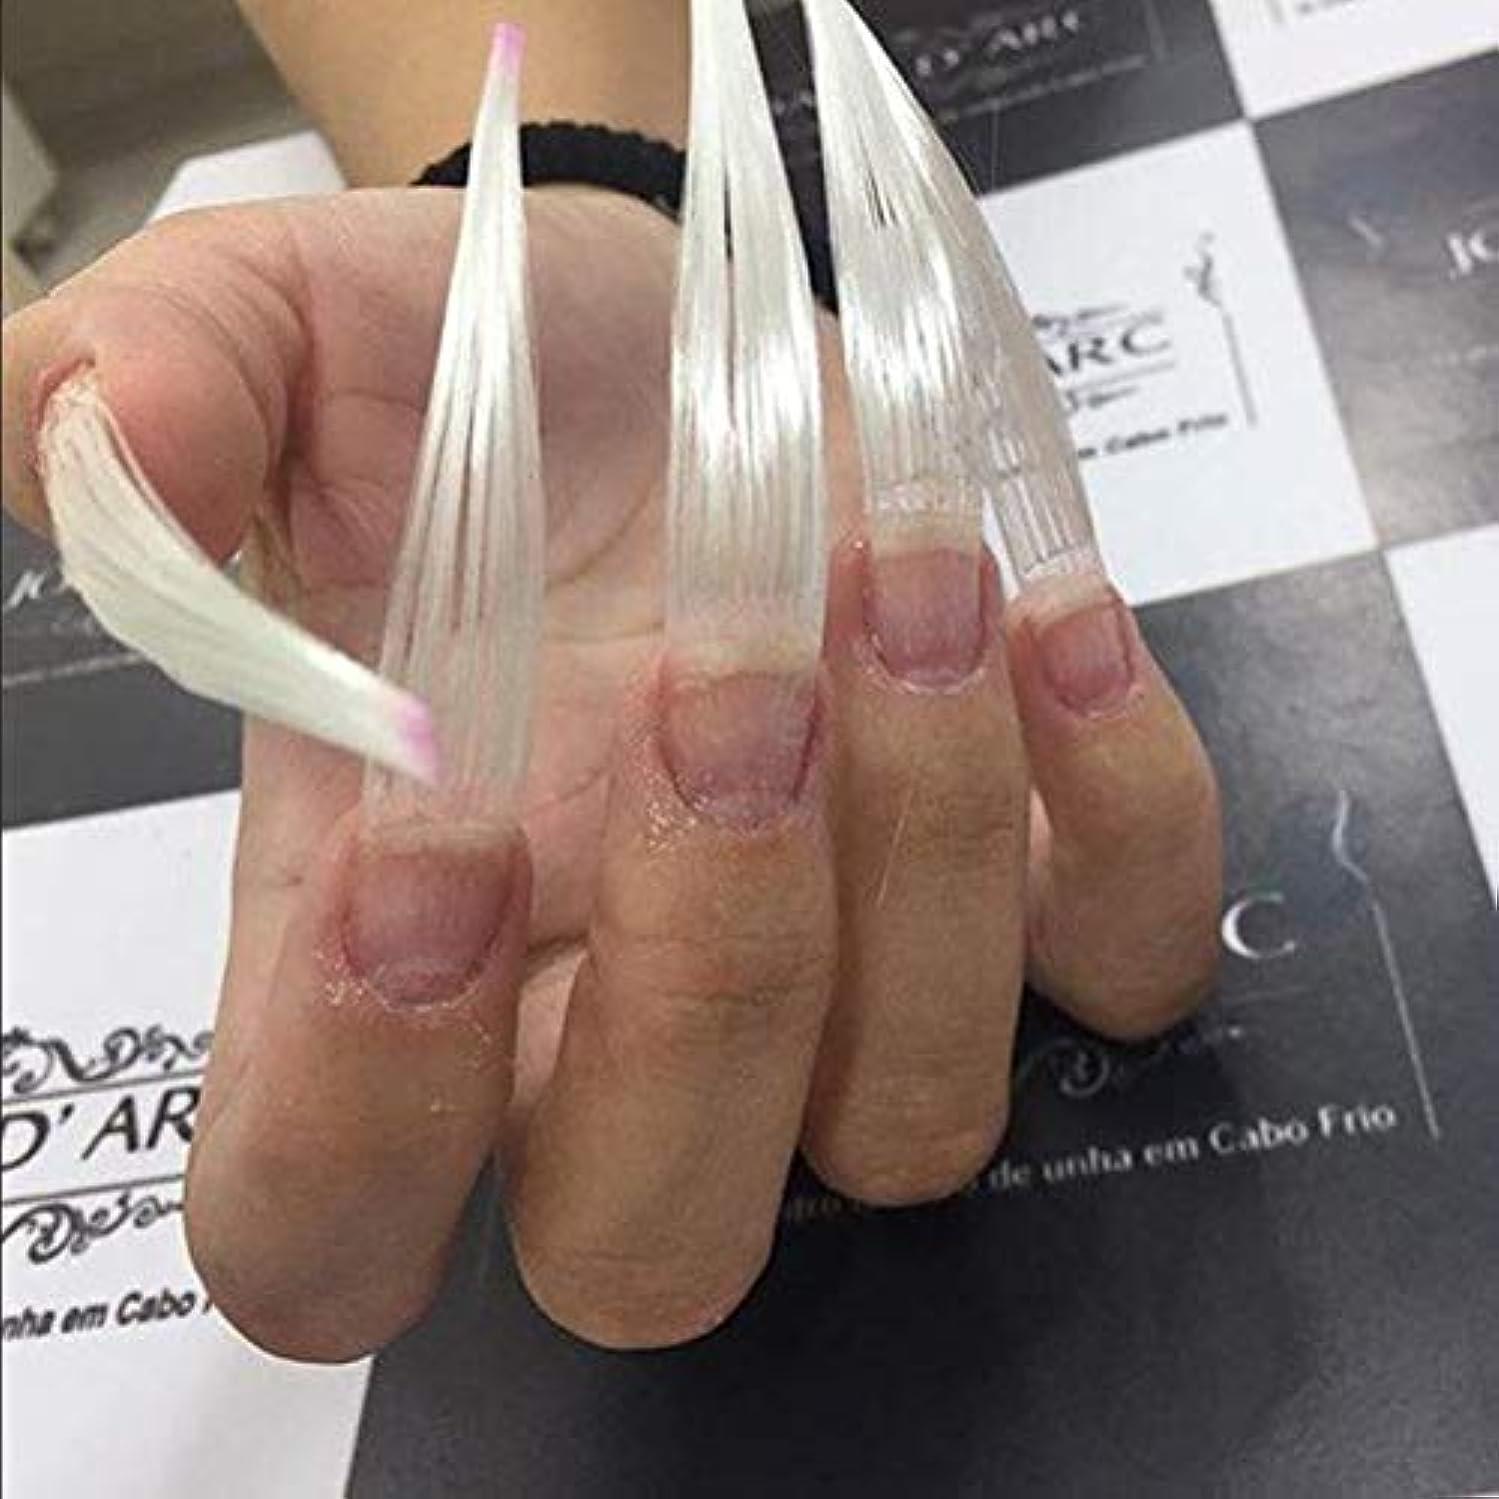 コンサート夫付録Maxbei 50枚入りネイルエクステンション用グラスファイバー 延長繊維ネイル 及び 5個入り爪のクリップ ネイルアートツール